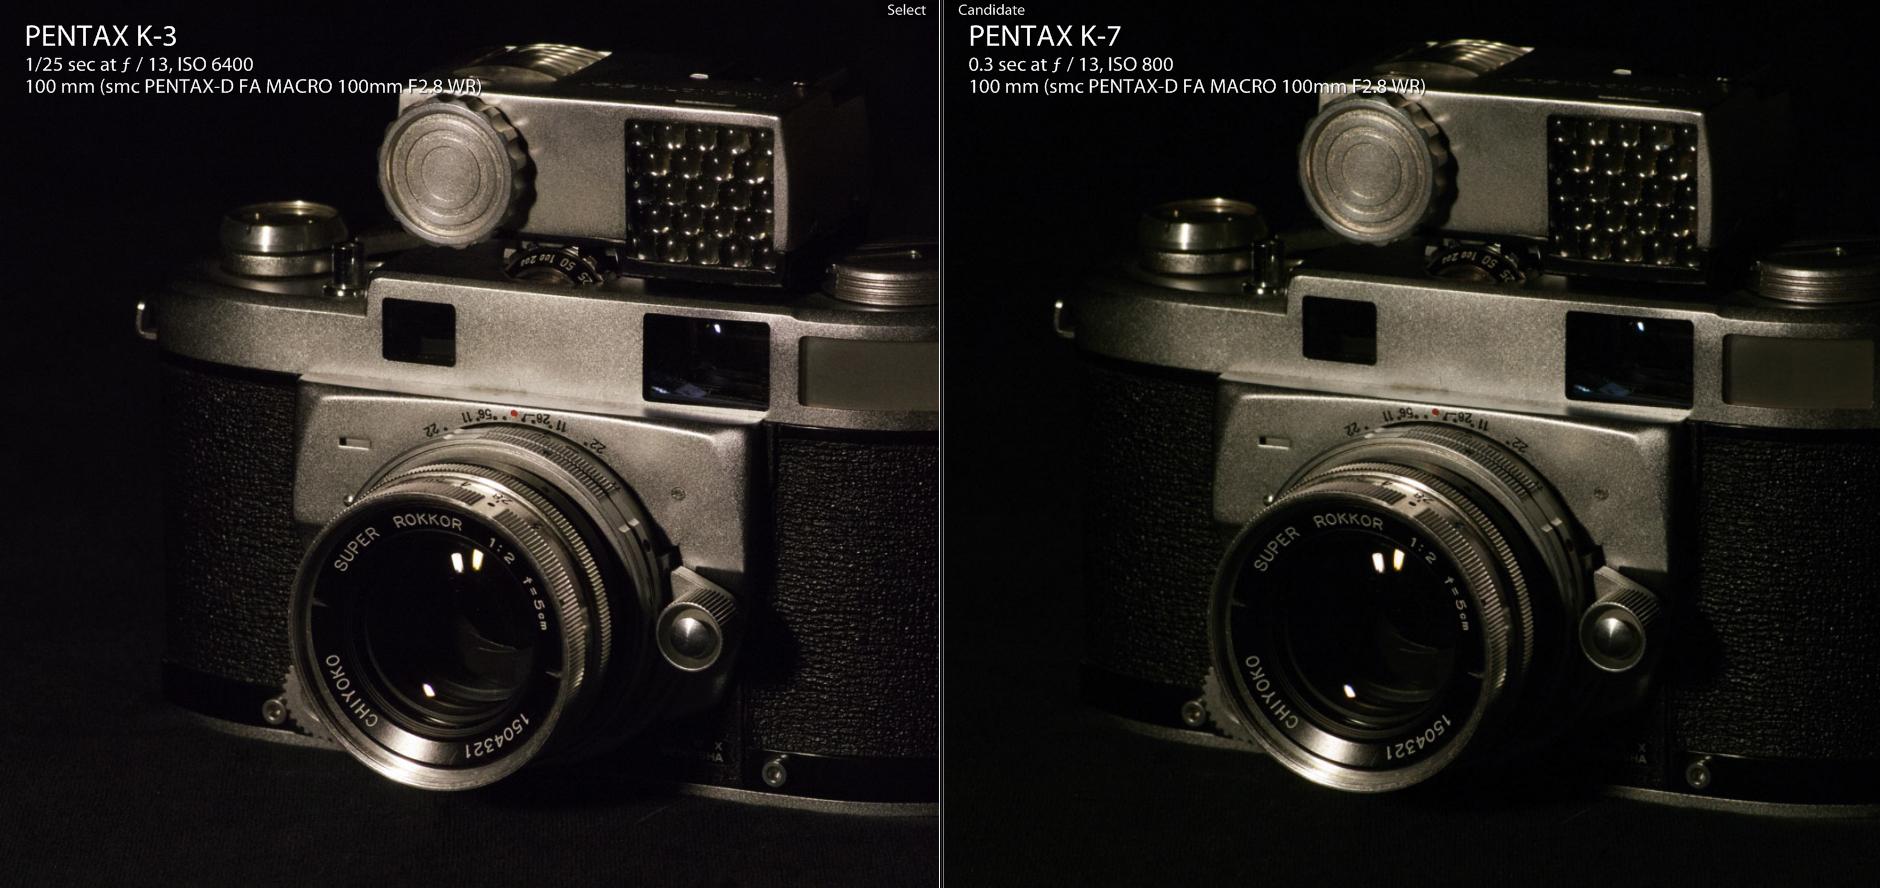 PentaxK3_6400vsK7_800